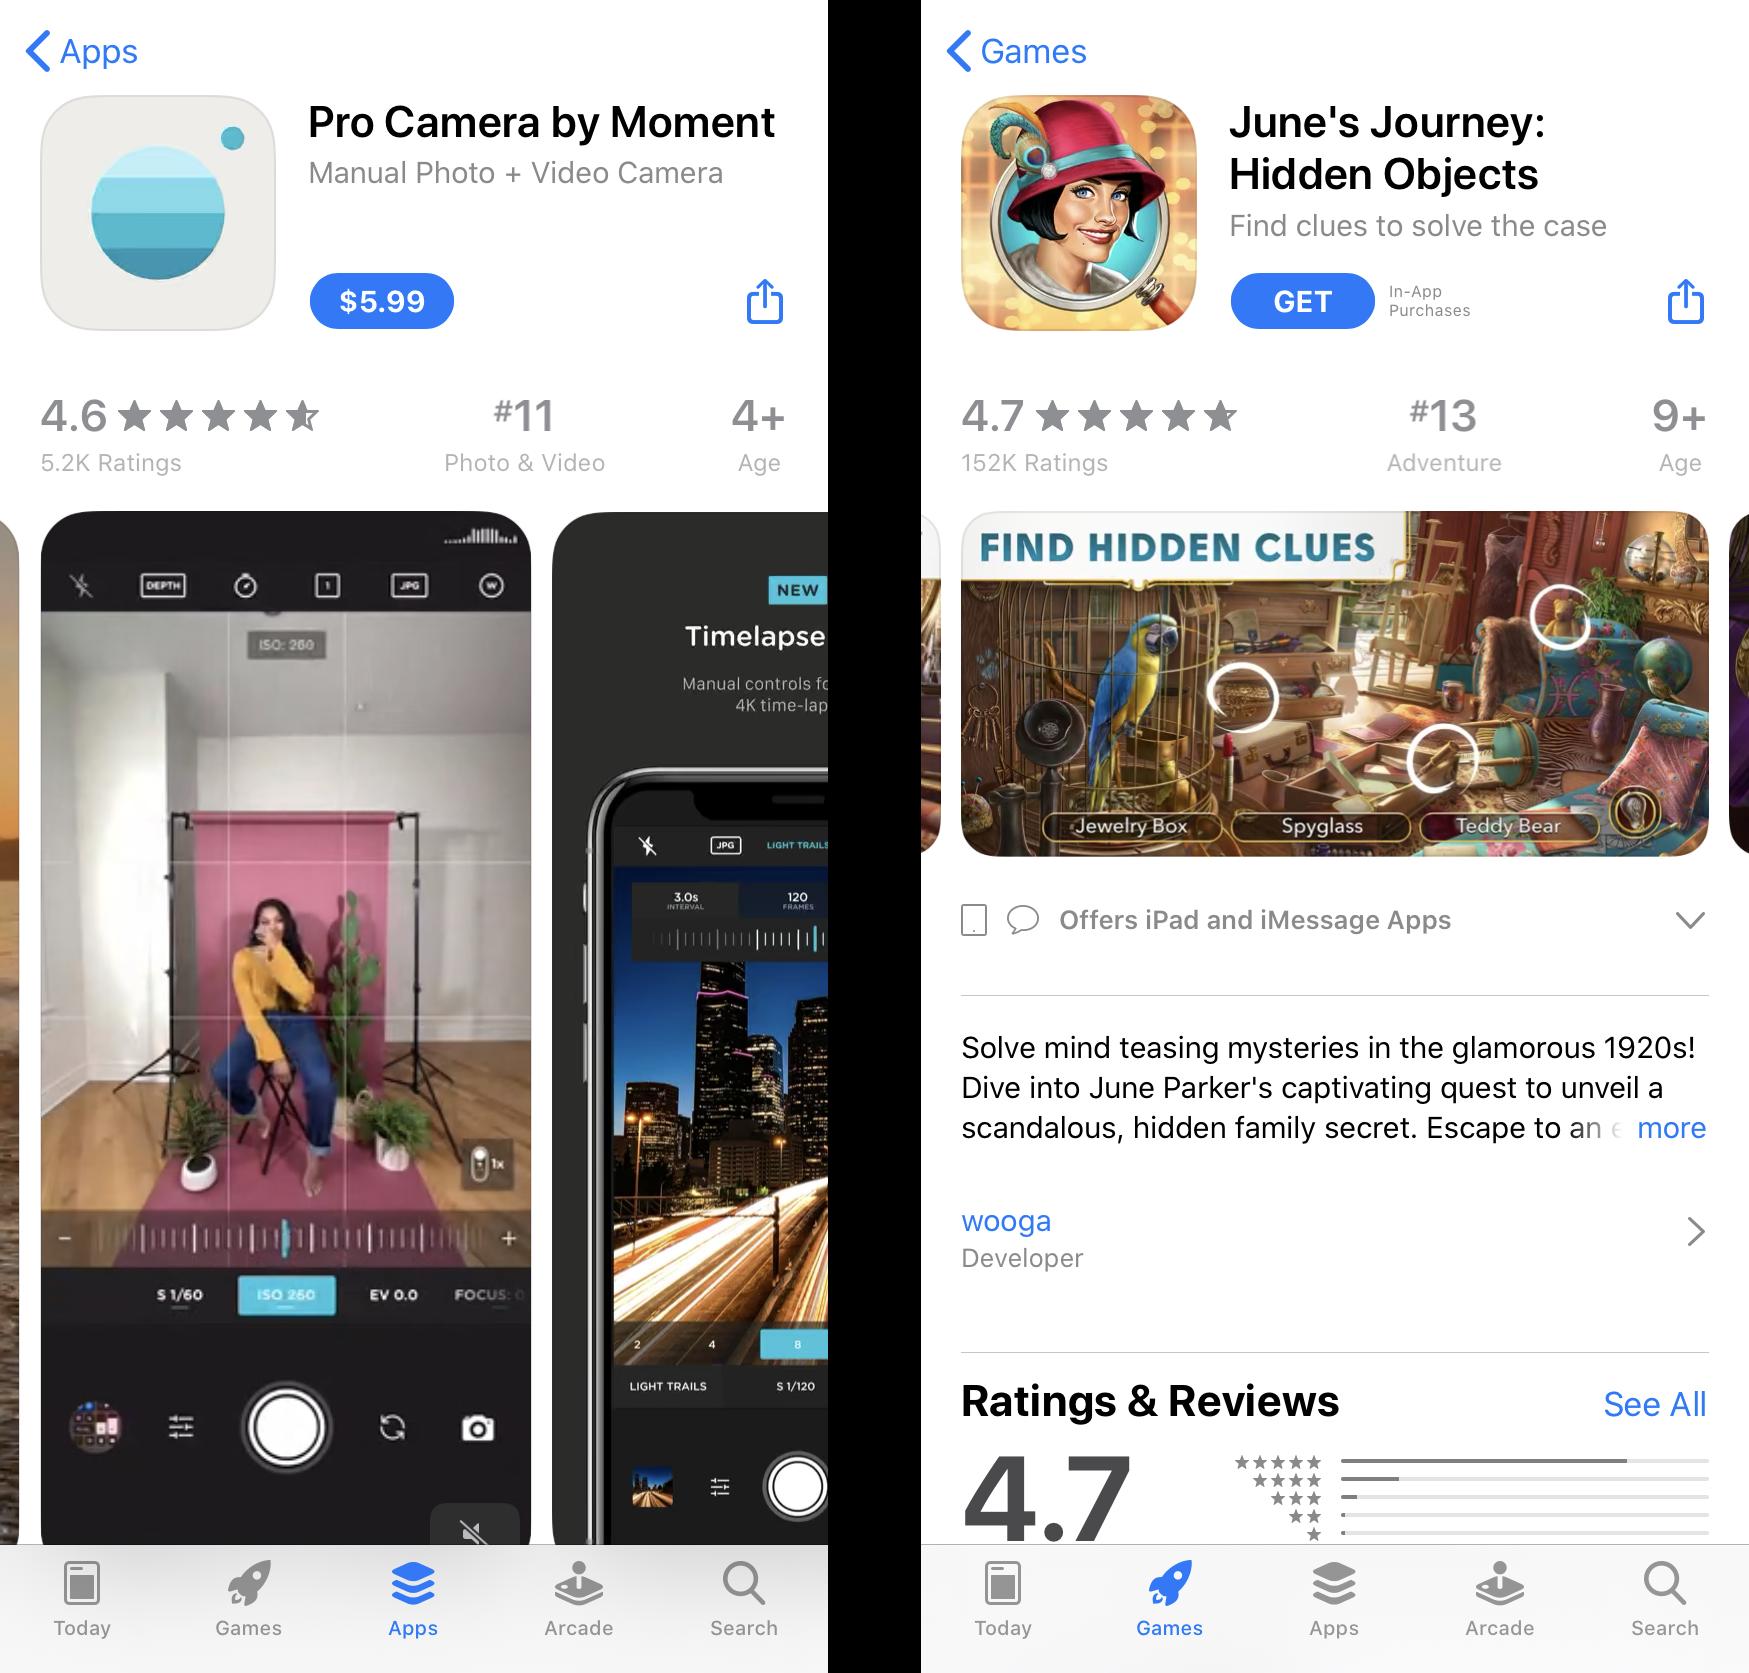 App Store Listing Visuals Beeinflussen Nutzer